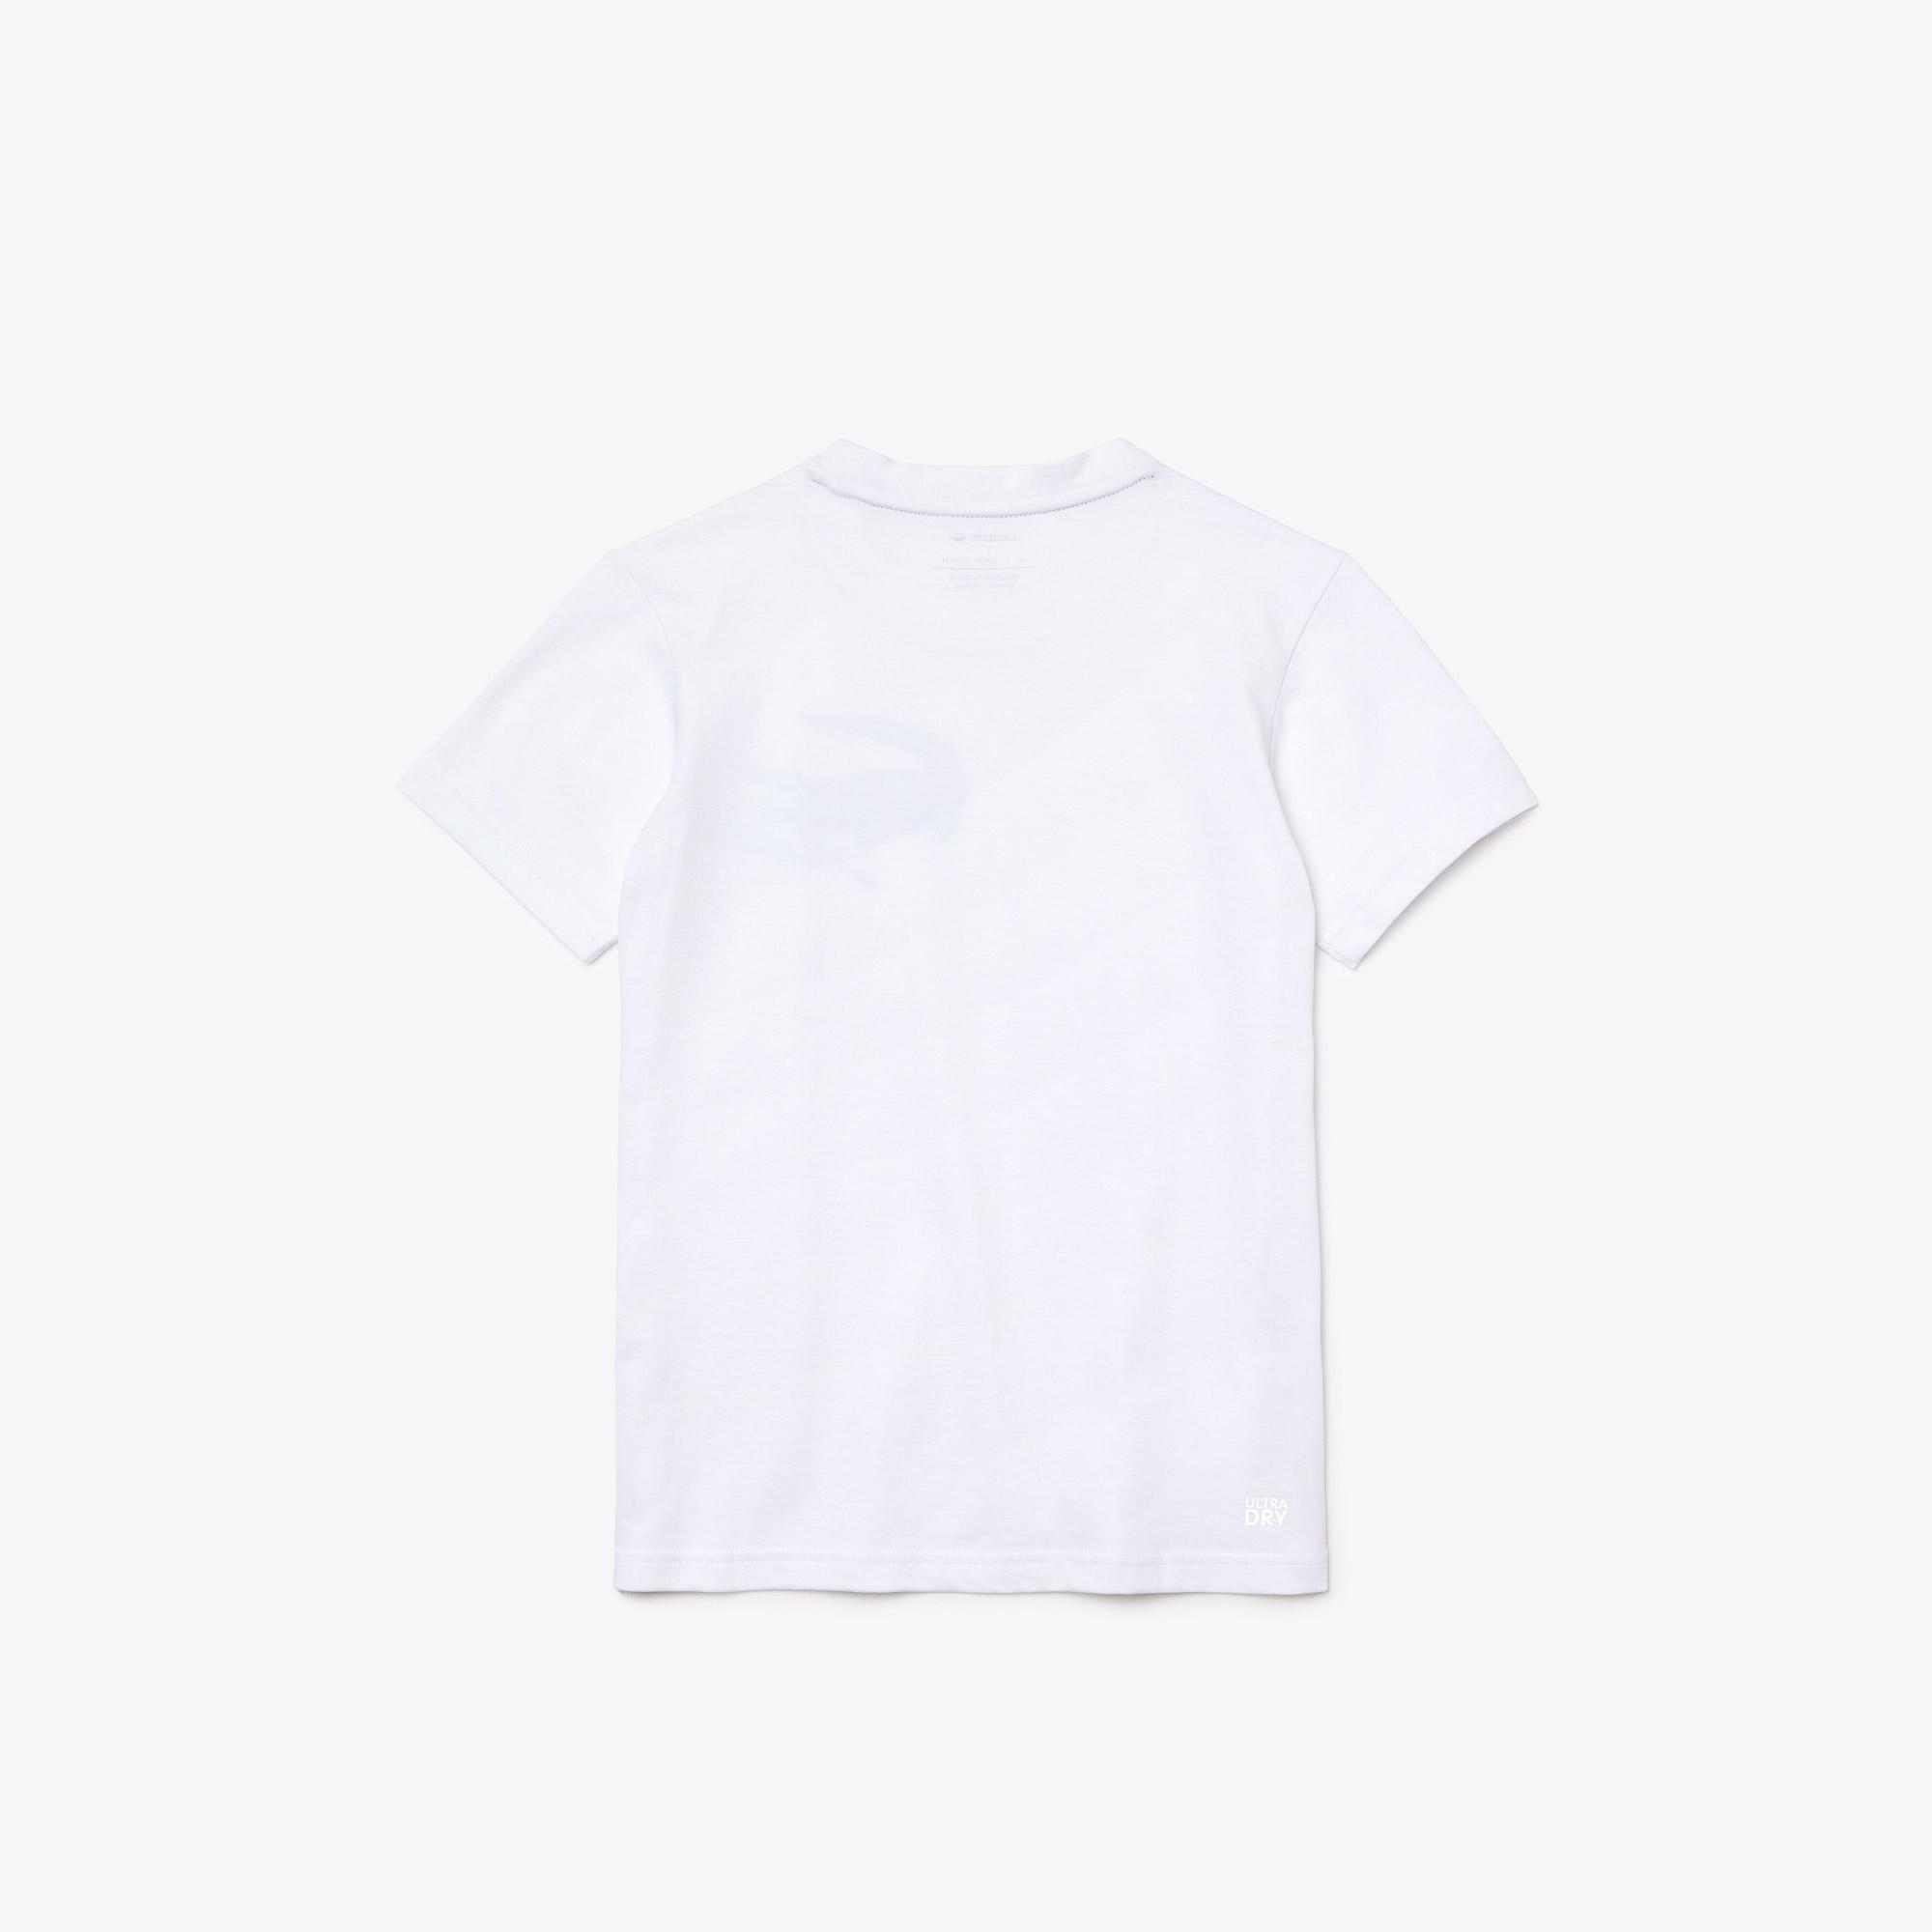 Lacoste Sport Roland Garros Çocuk Bisiklet Yaka Baskılı Beyaz T-Shirt